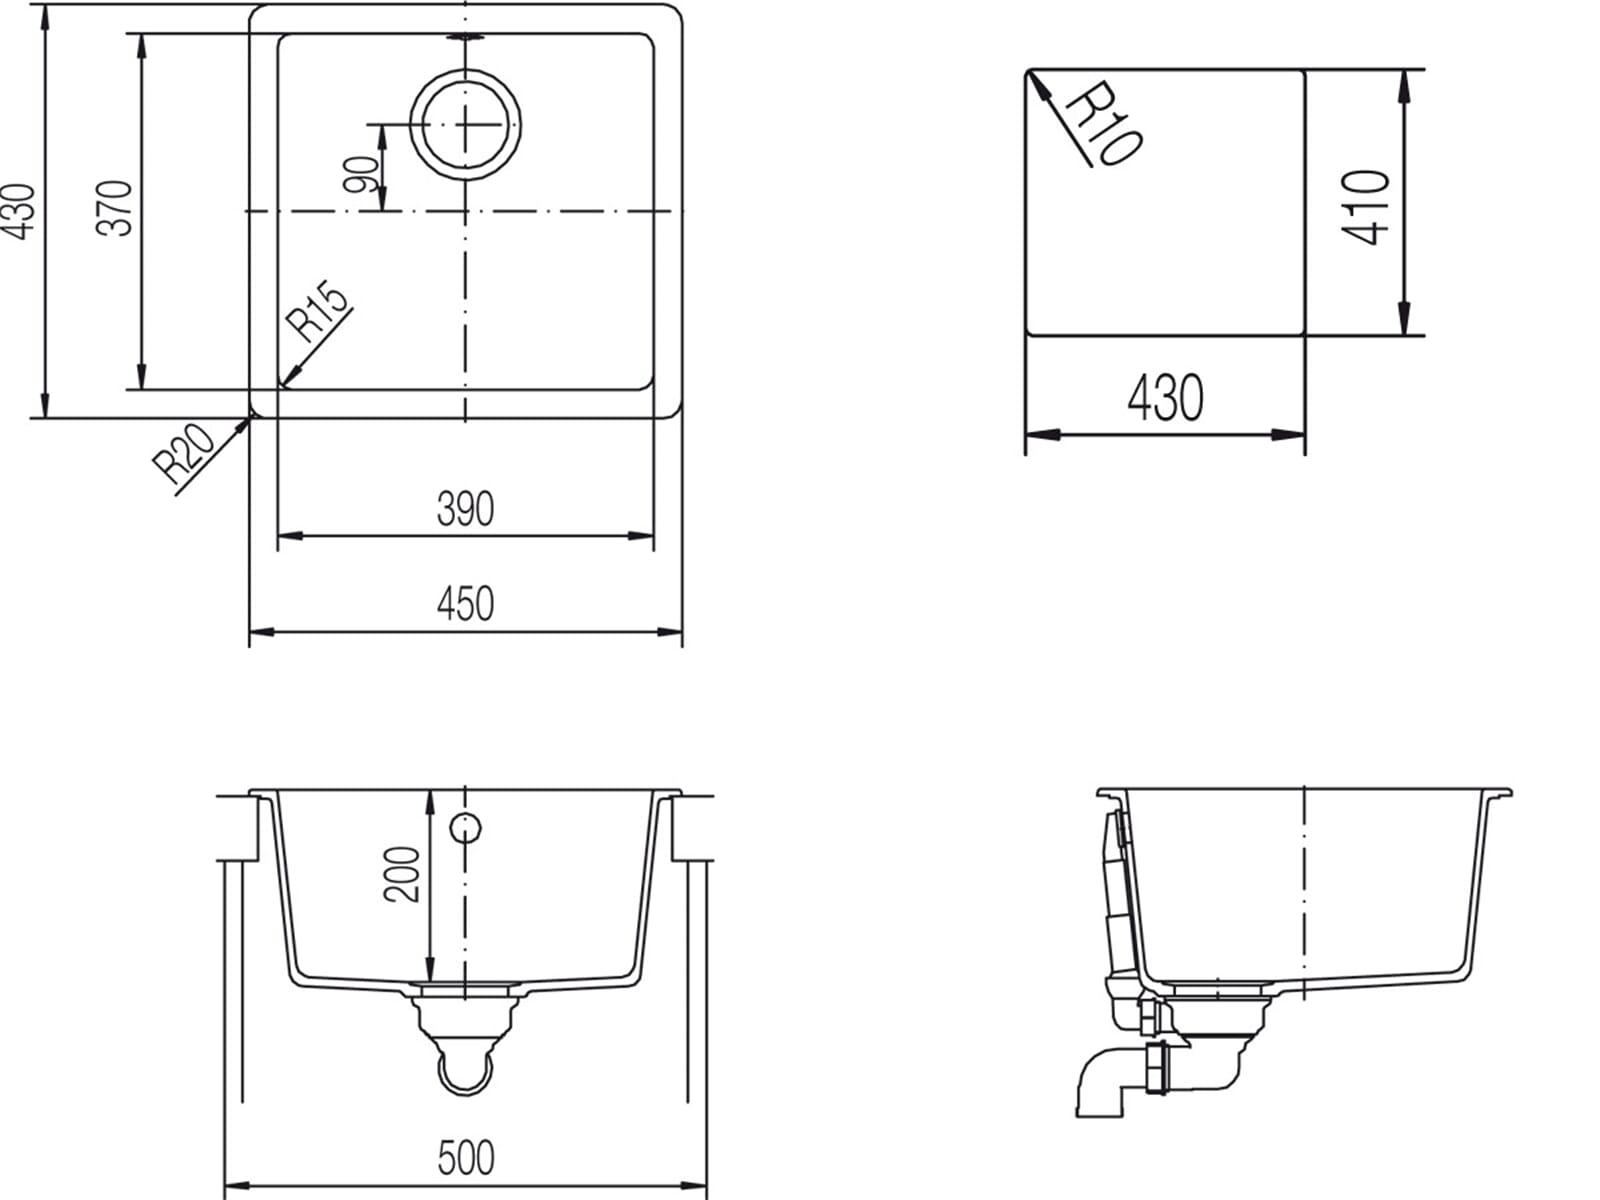 schock soho n 100 s a magnolia granitsp le ebay. Black Bedroom Furniture Sets. Home Design Ideas